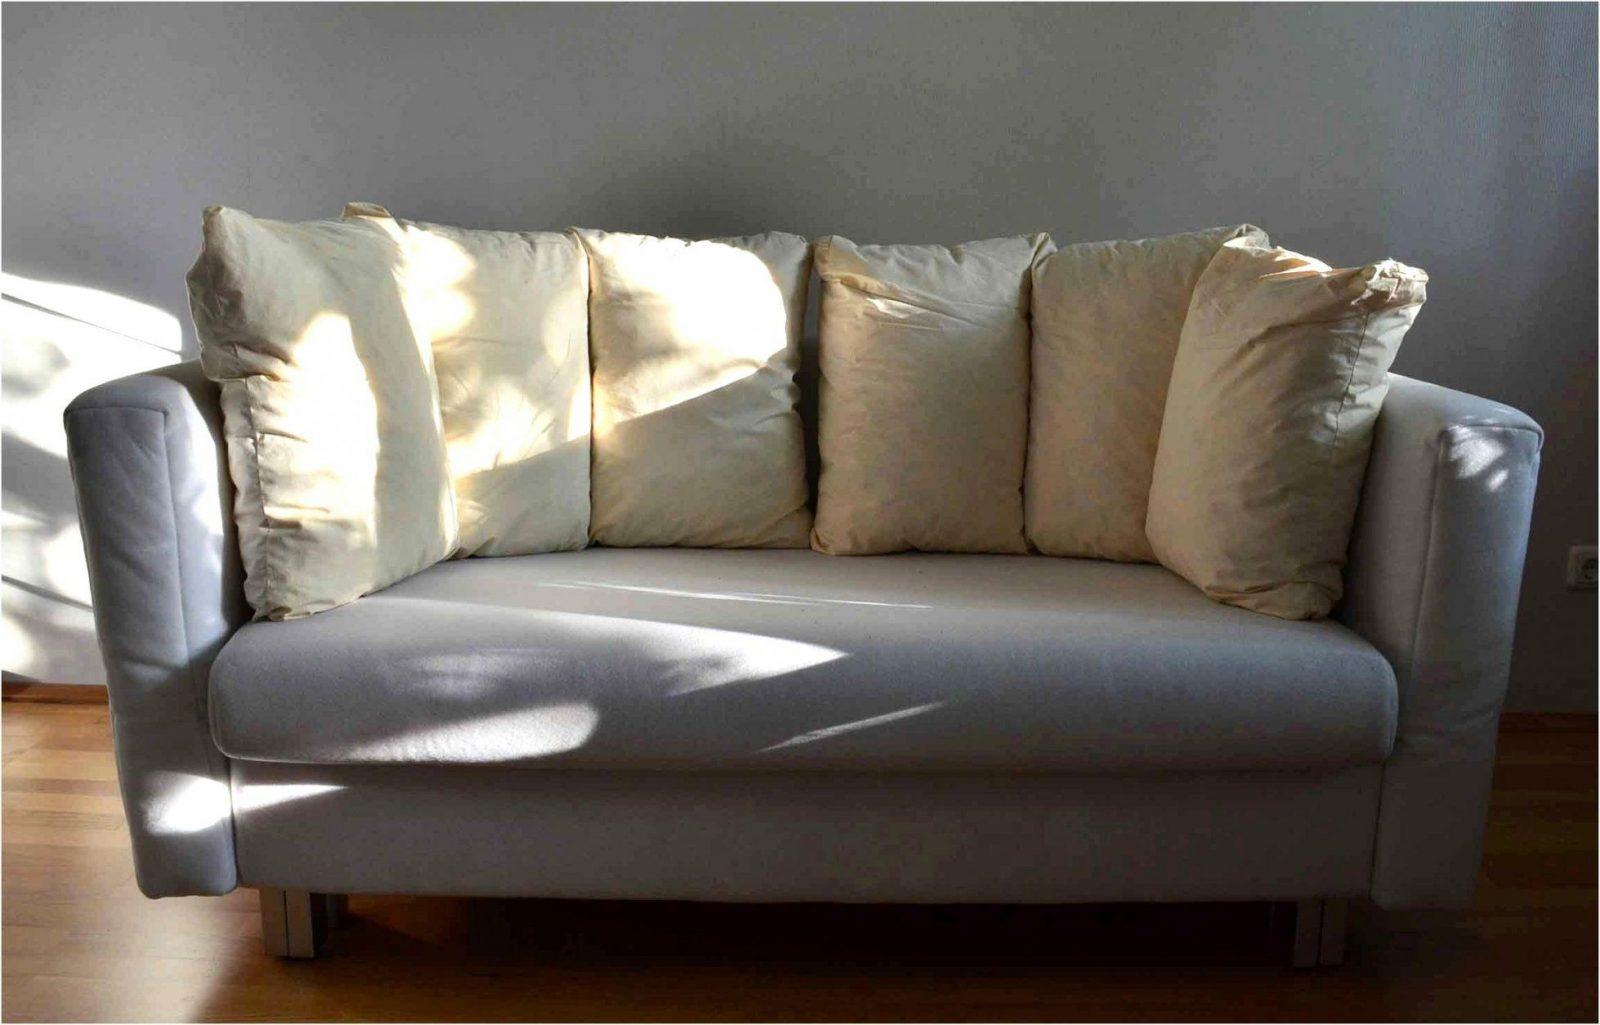 sofa lassen latest enorm sofa neu beziehen kosten lassen oder andere alternative frisch couch. Black Bedroom Furniture Sets. Home Design Ideas